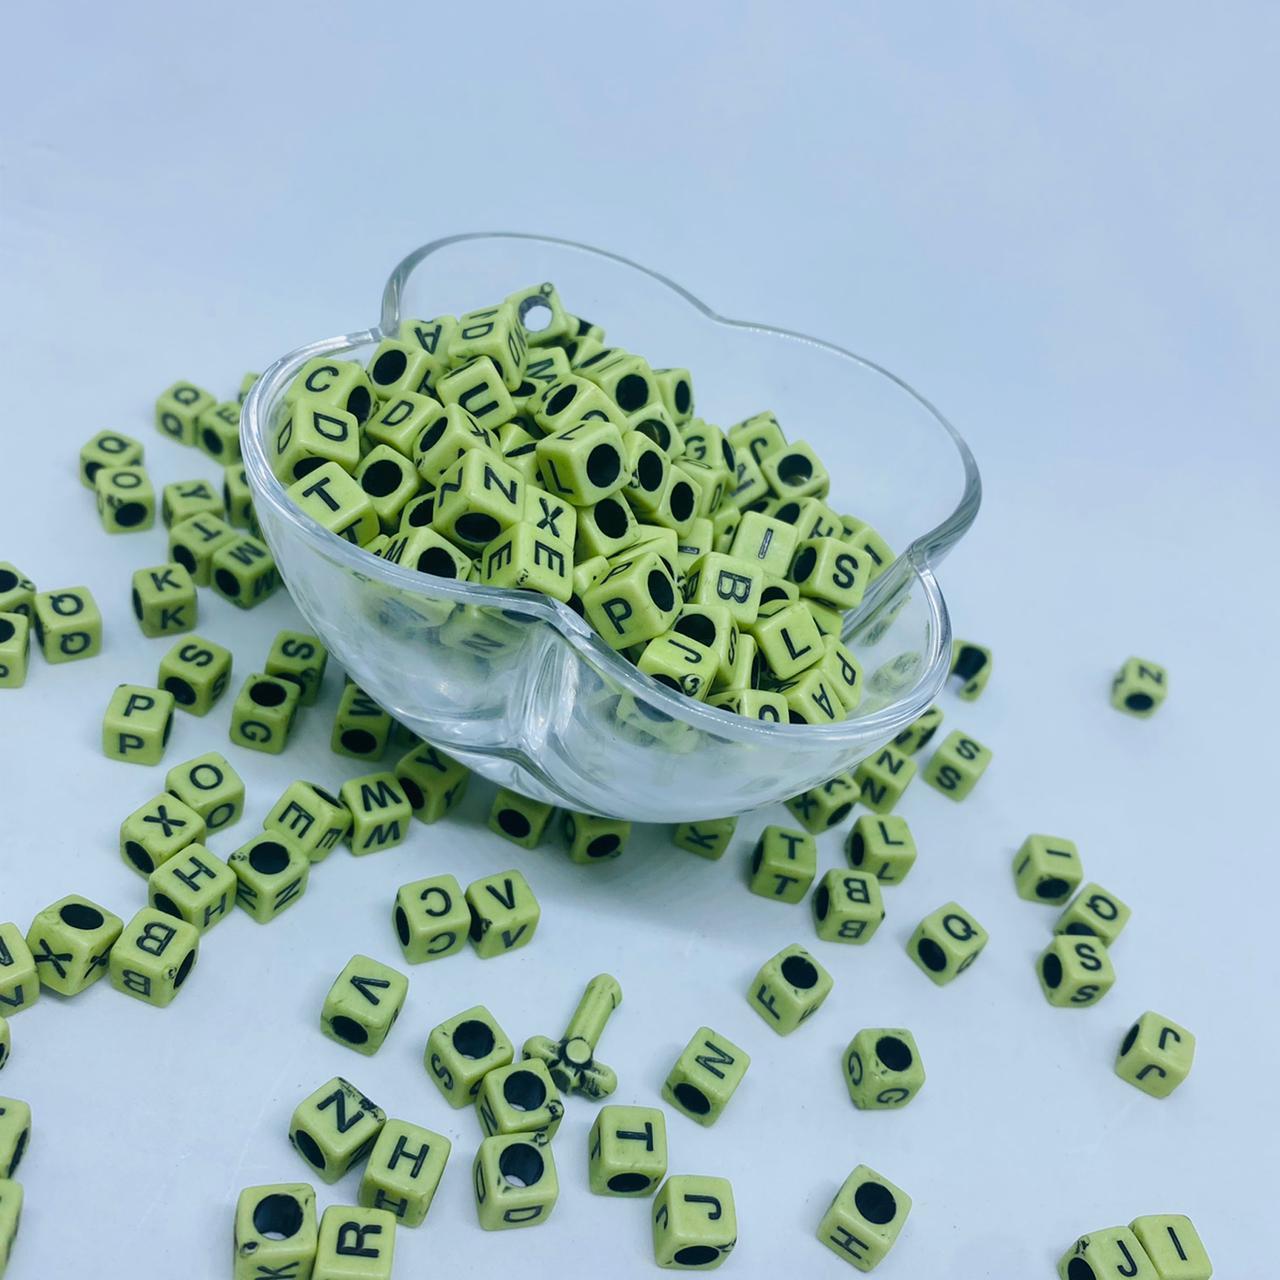 Cubo verde c/ Letras pretas 8mm - pacote 500g